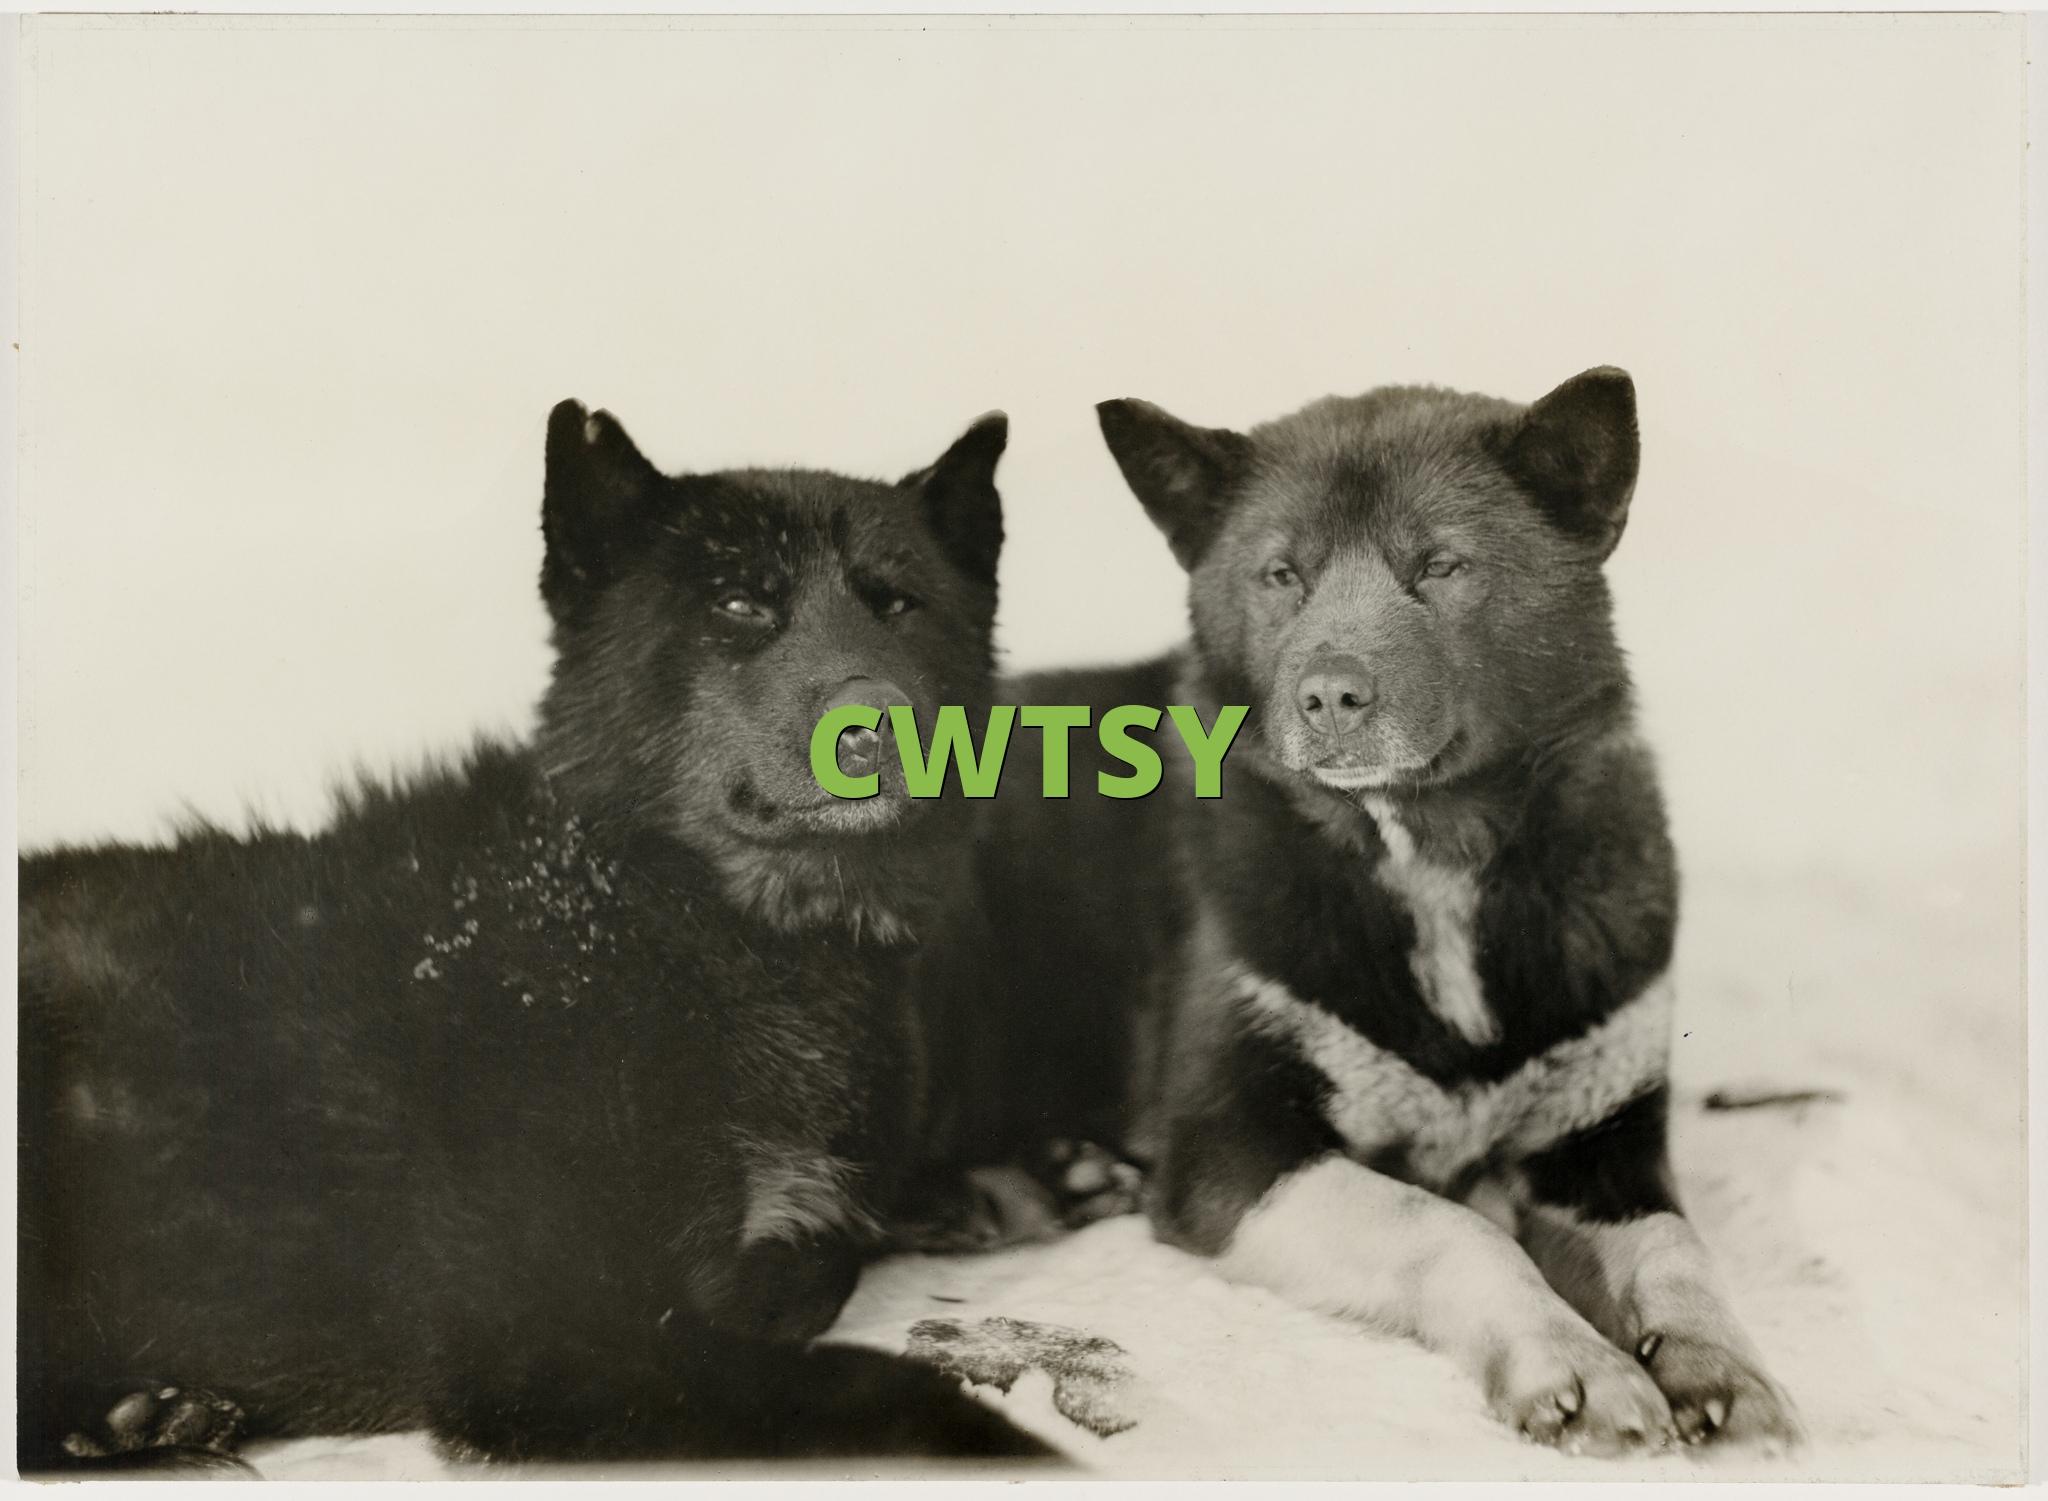 CWTSY